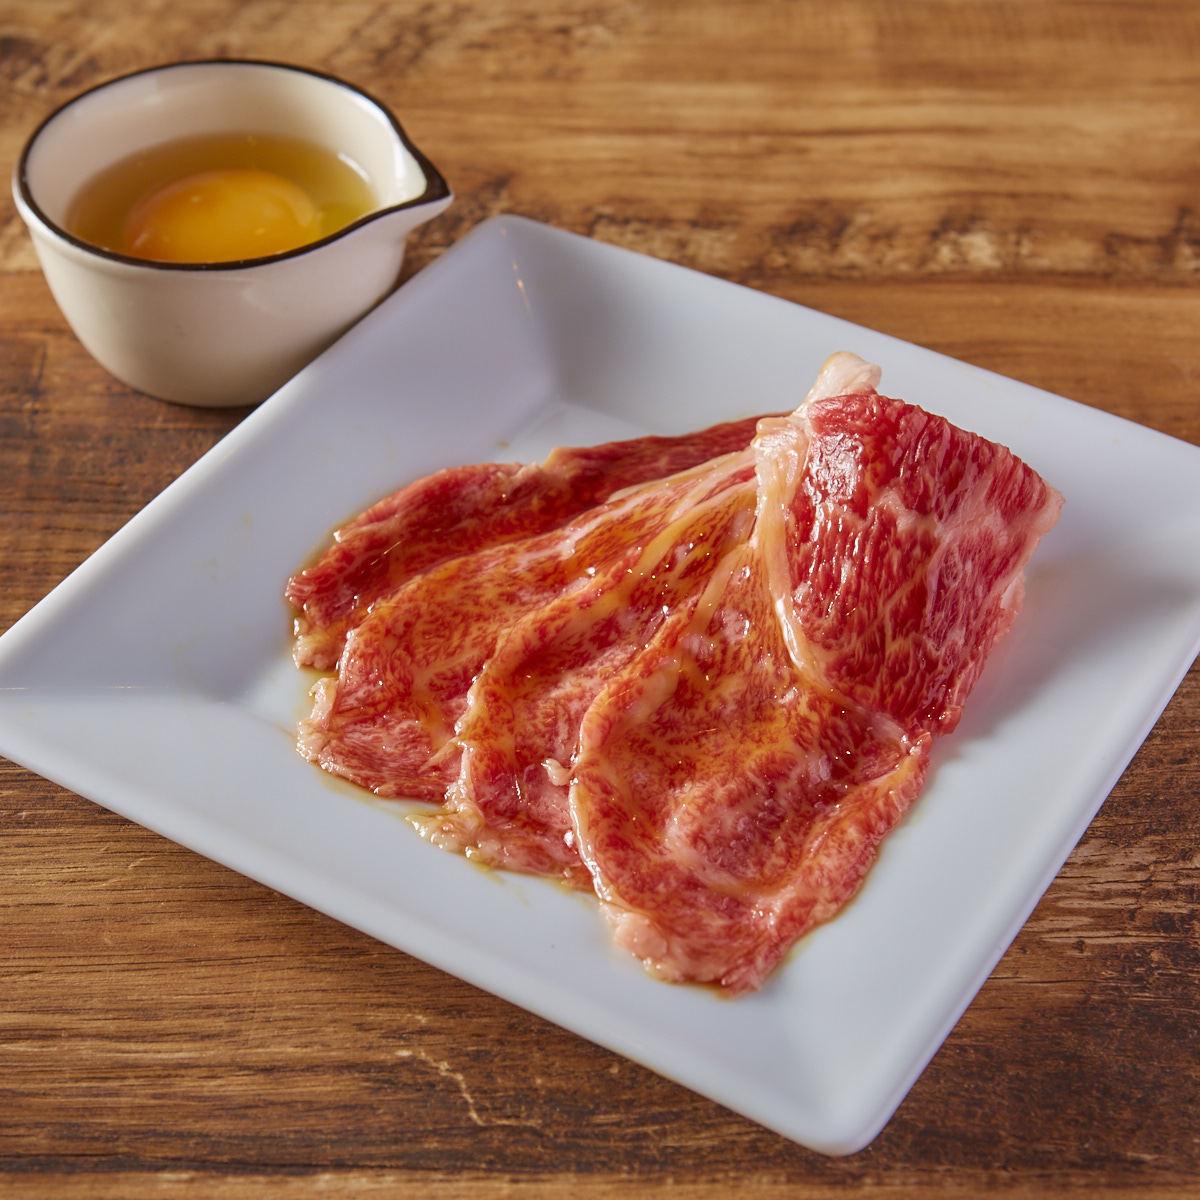 国内日本黑和牛牛肉A5烤腰肉 - 配鸡蛋 -